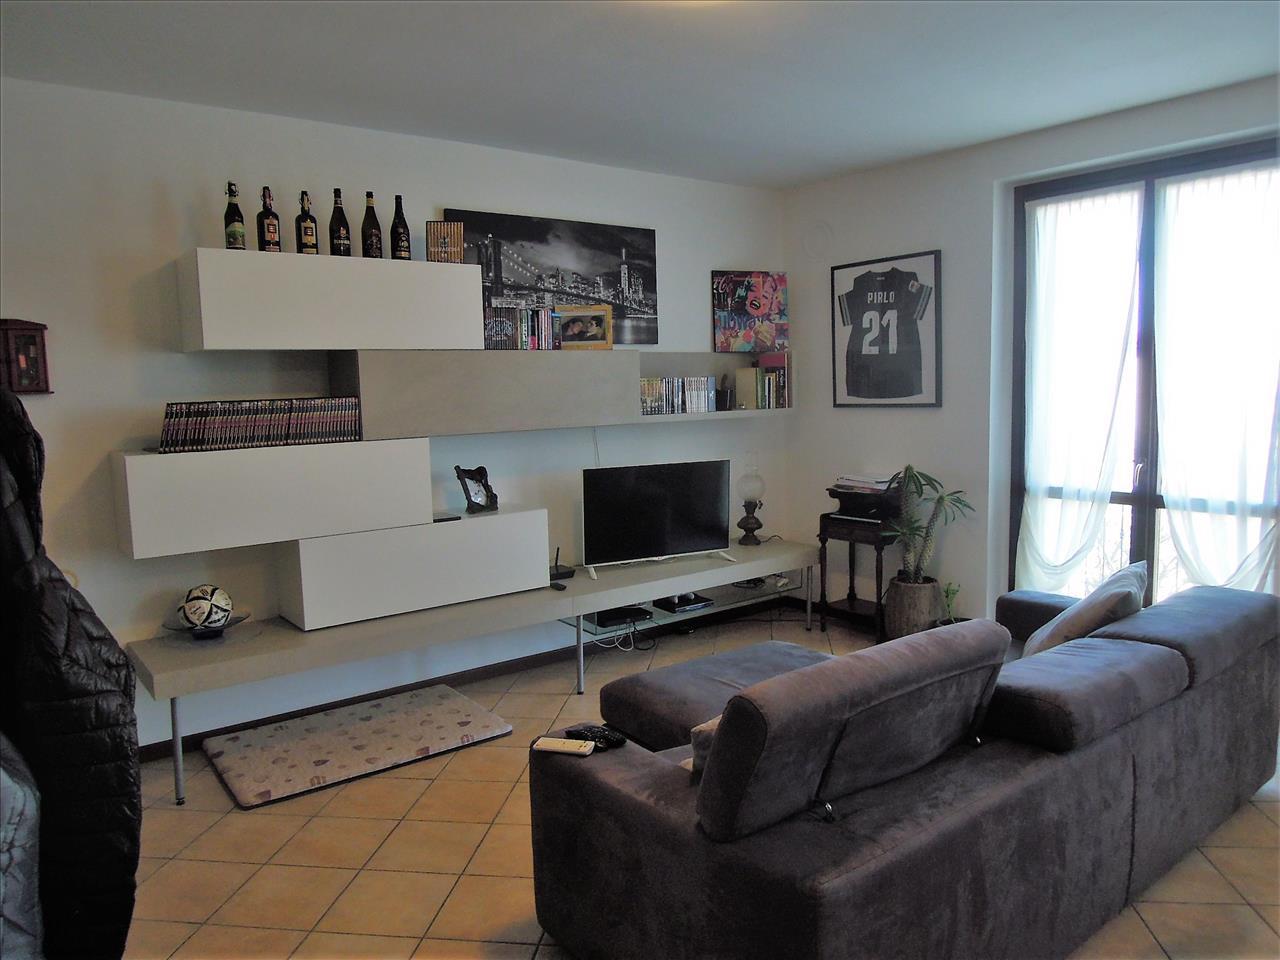 Appartamento in vendita a San Giorgio Piacentino, 2 locali, prezzo € 115.000 | CambioCasa.it